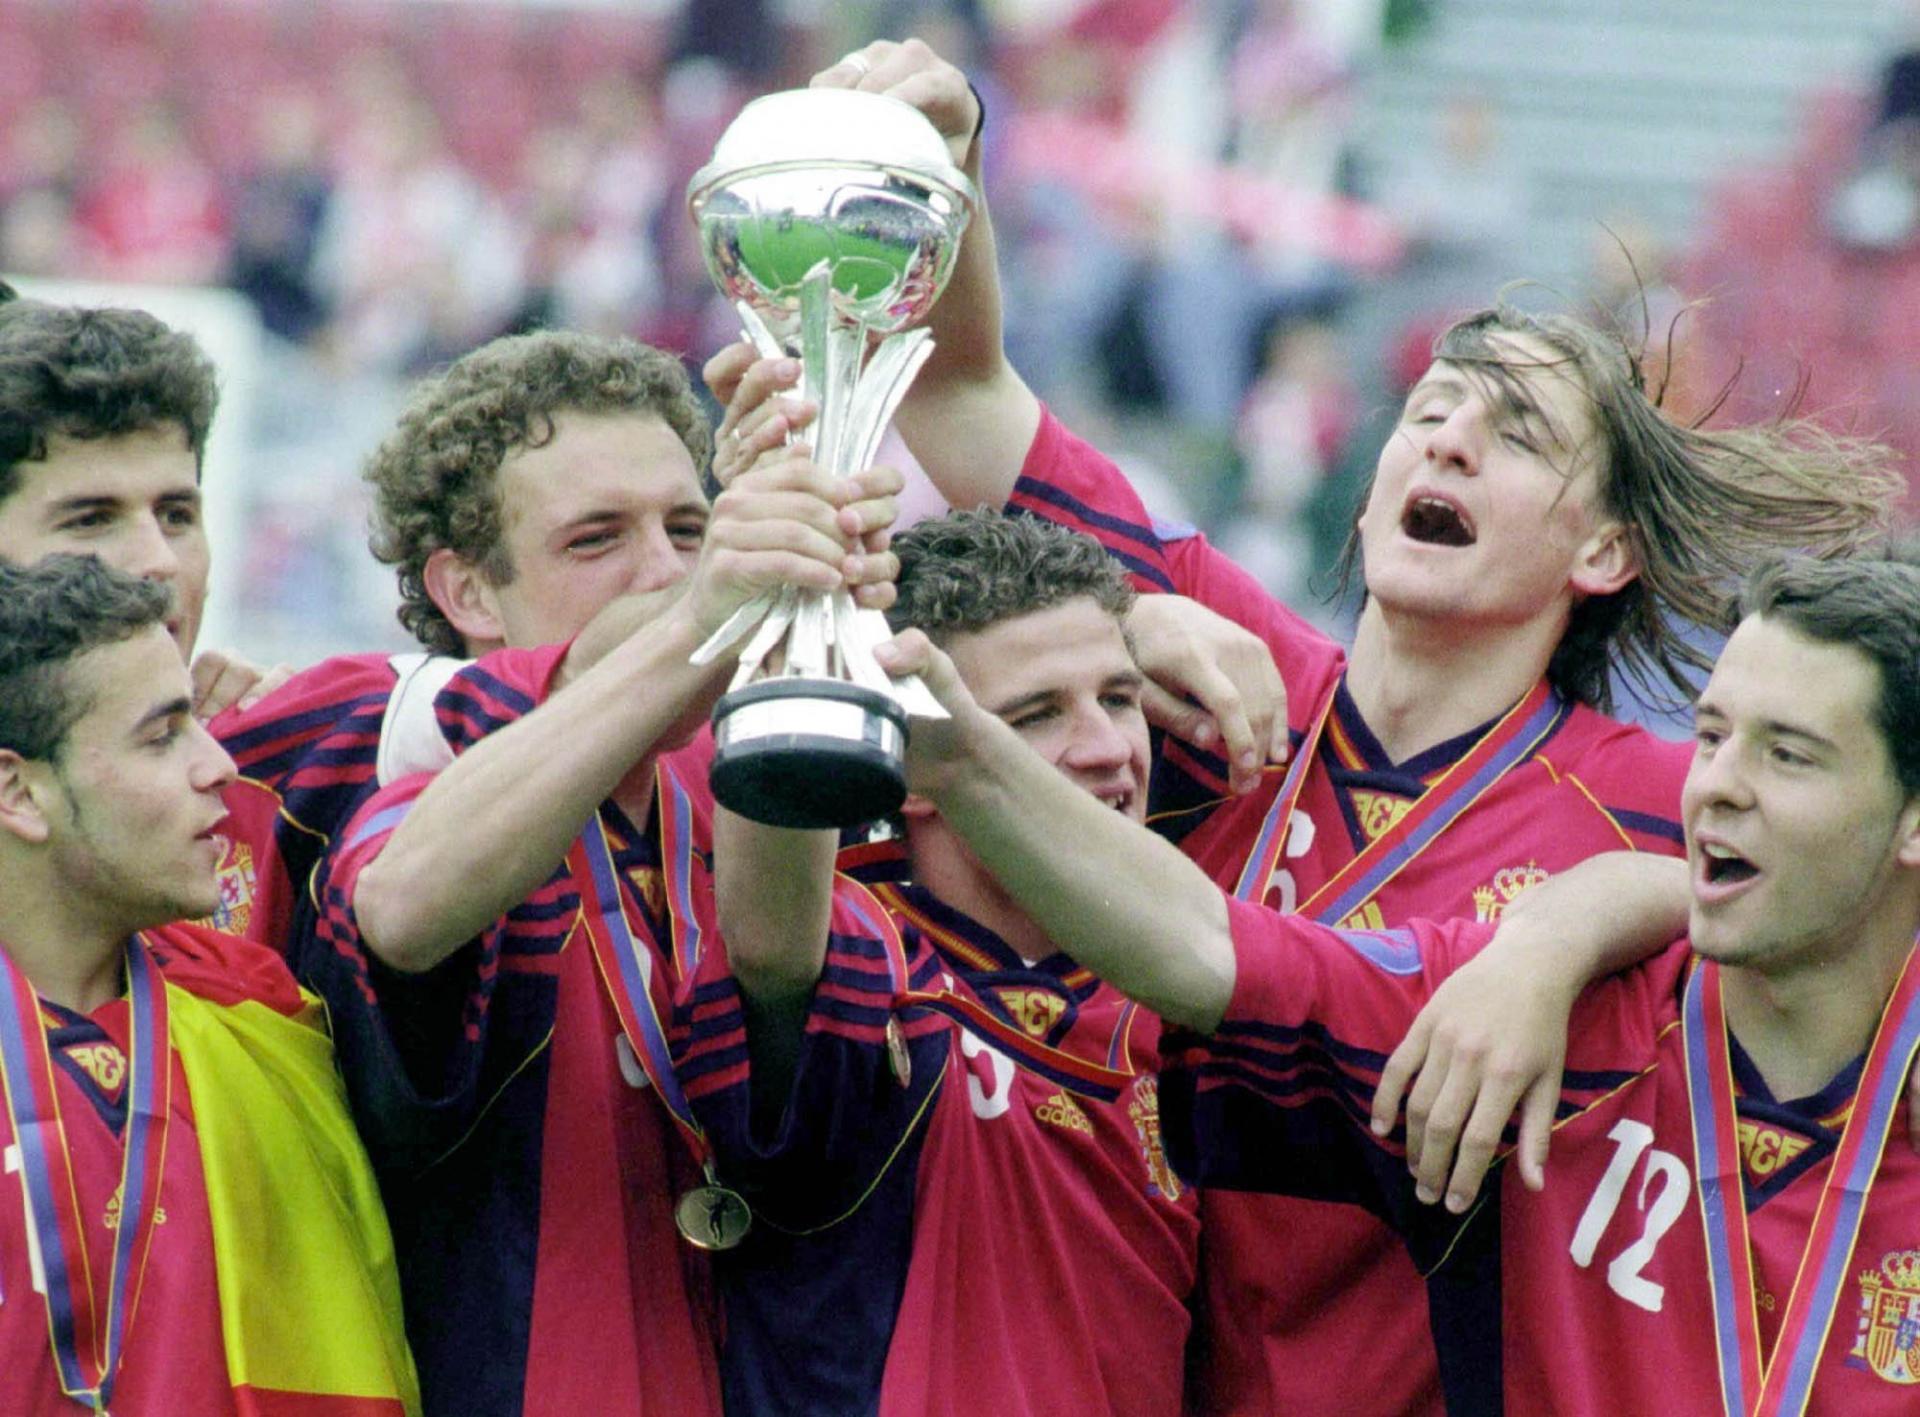 Hiszpania z pucharem za zwycięstwo w mistrzostwach Europy do lat 16 1999. W finale hiszpański zespół wygrał z Polską 4:1.